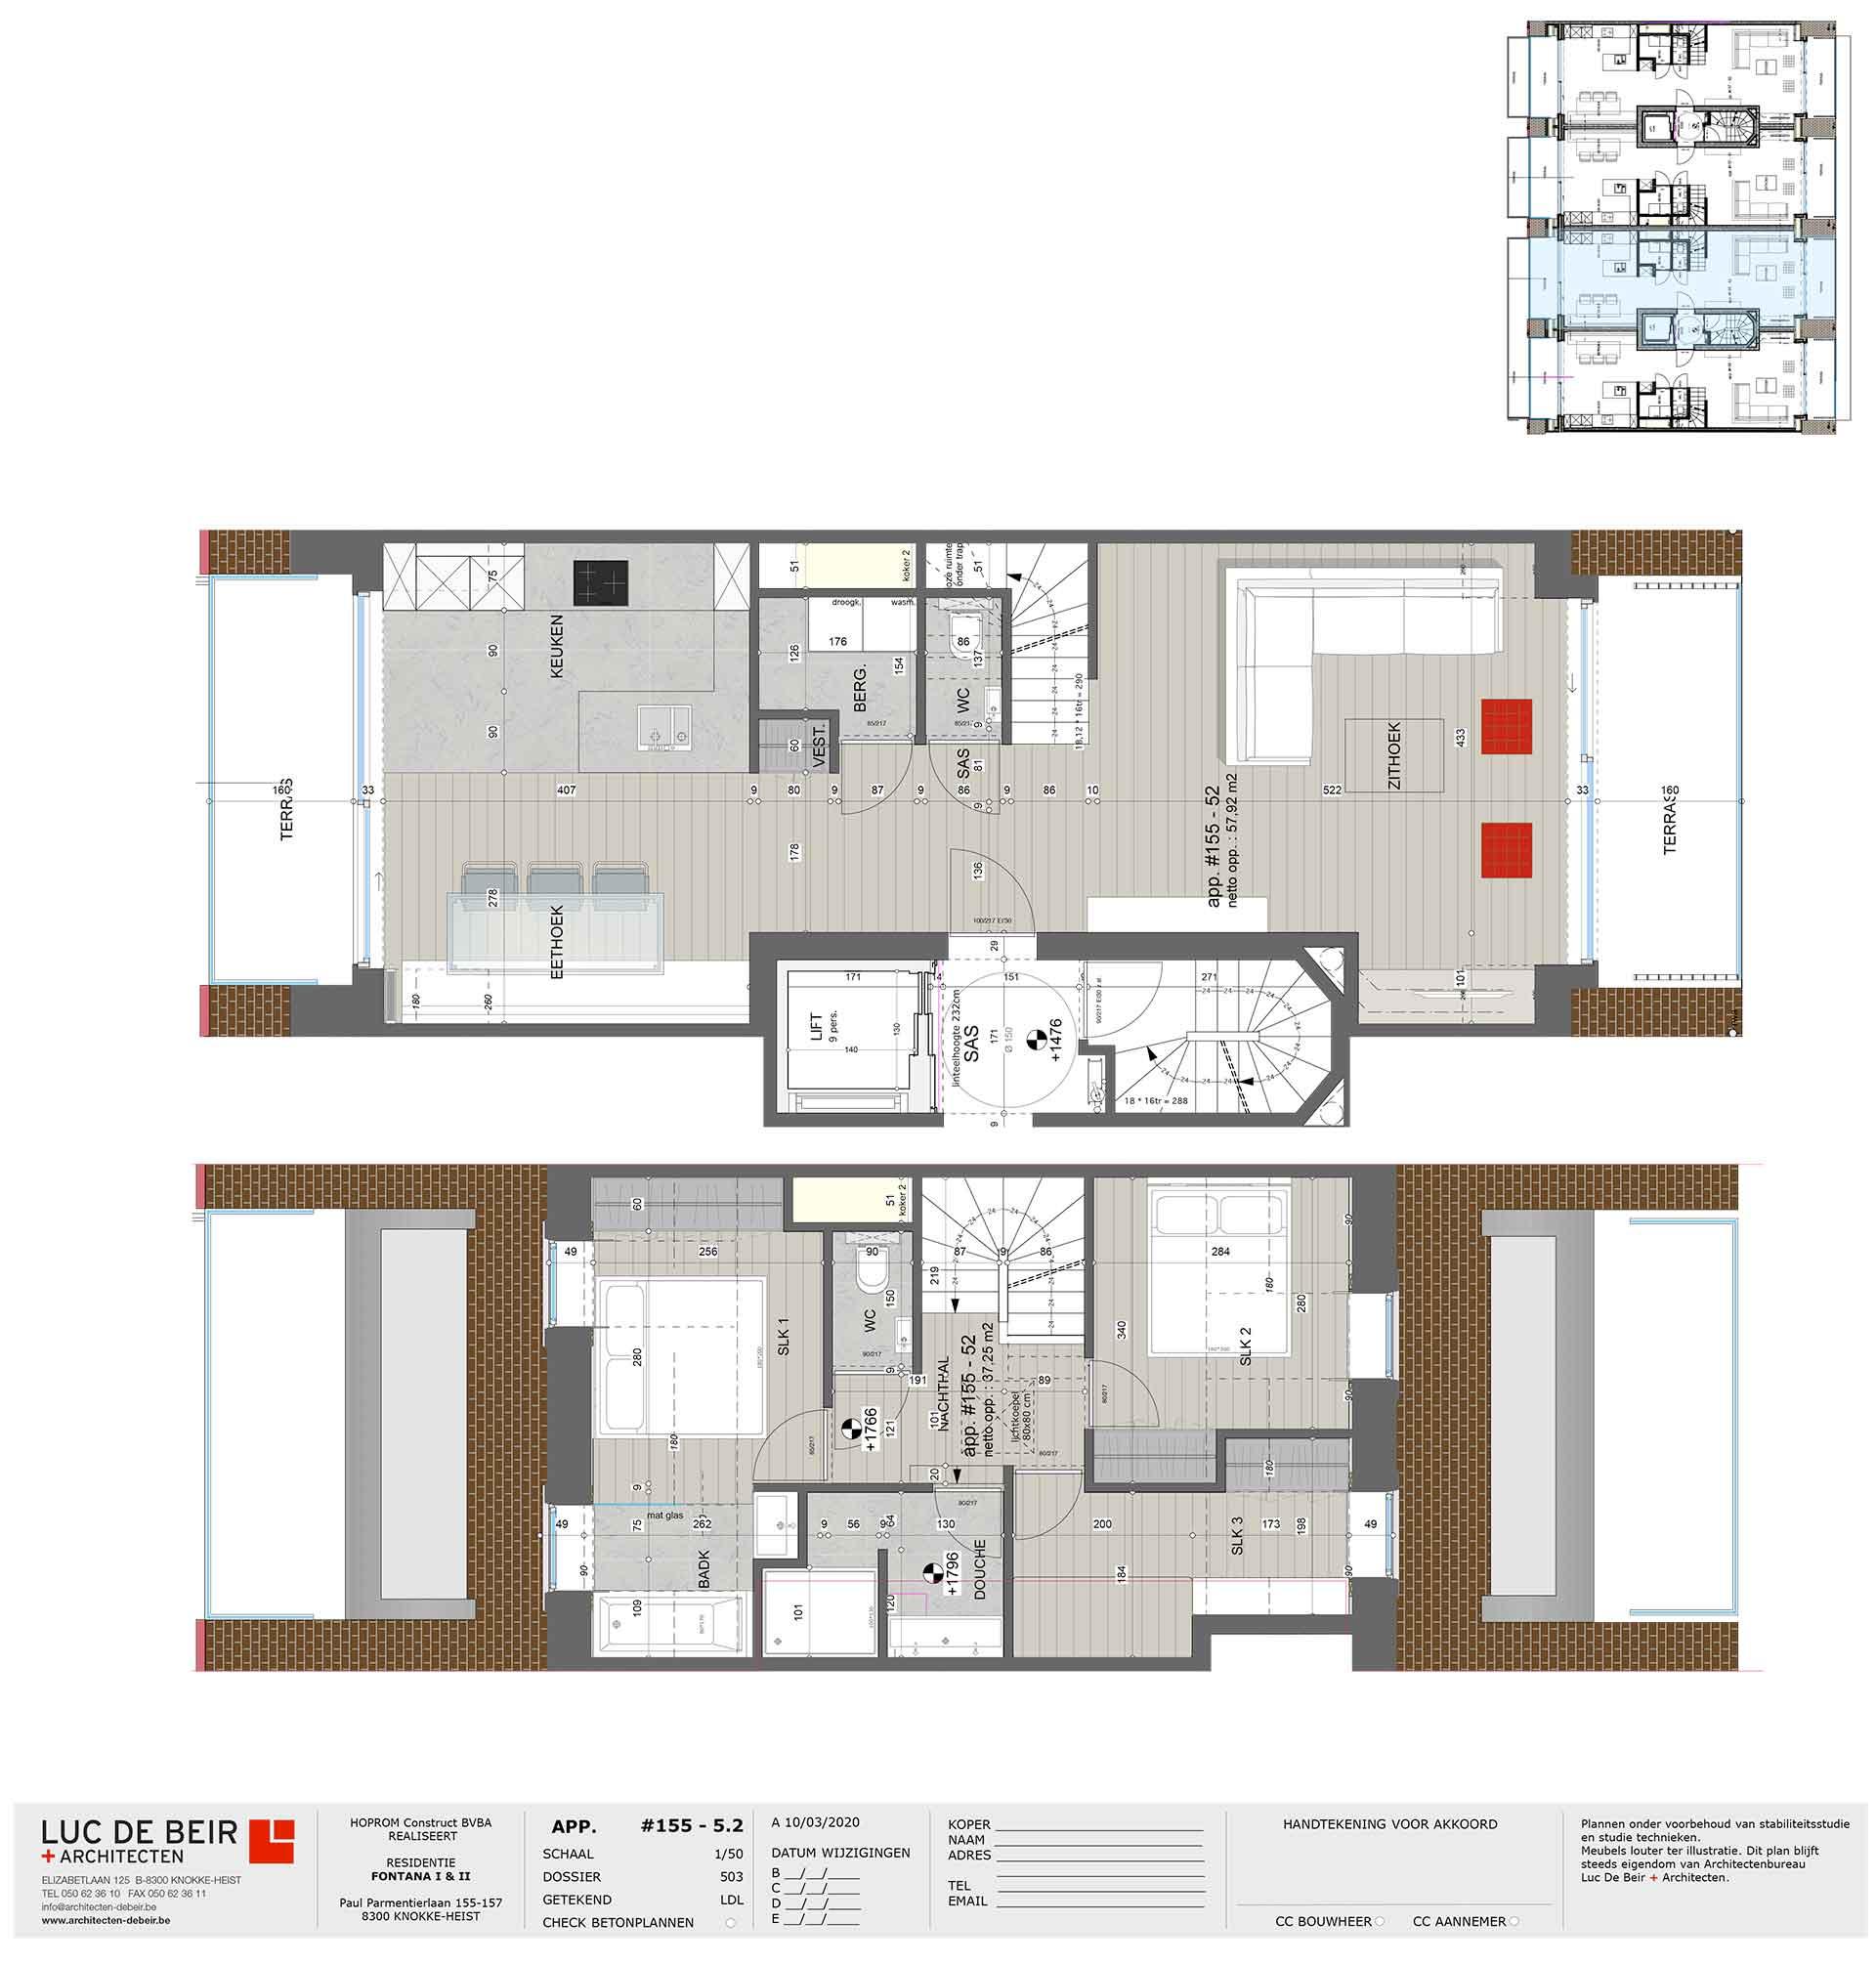 Residentie <br/> Fontana - image residentie-fontana-appartement-te-koop-knokke-plannen-155-52-2 on https://hoprom.be